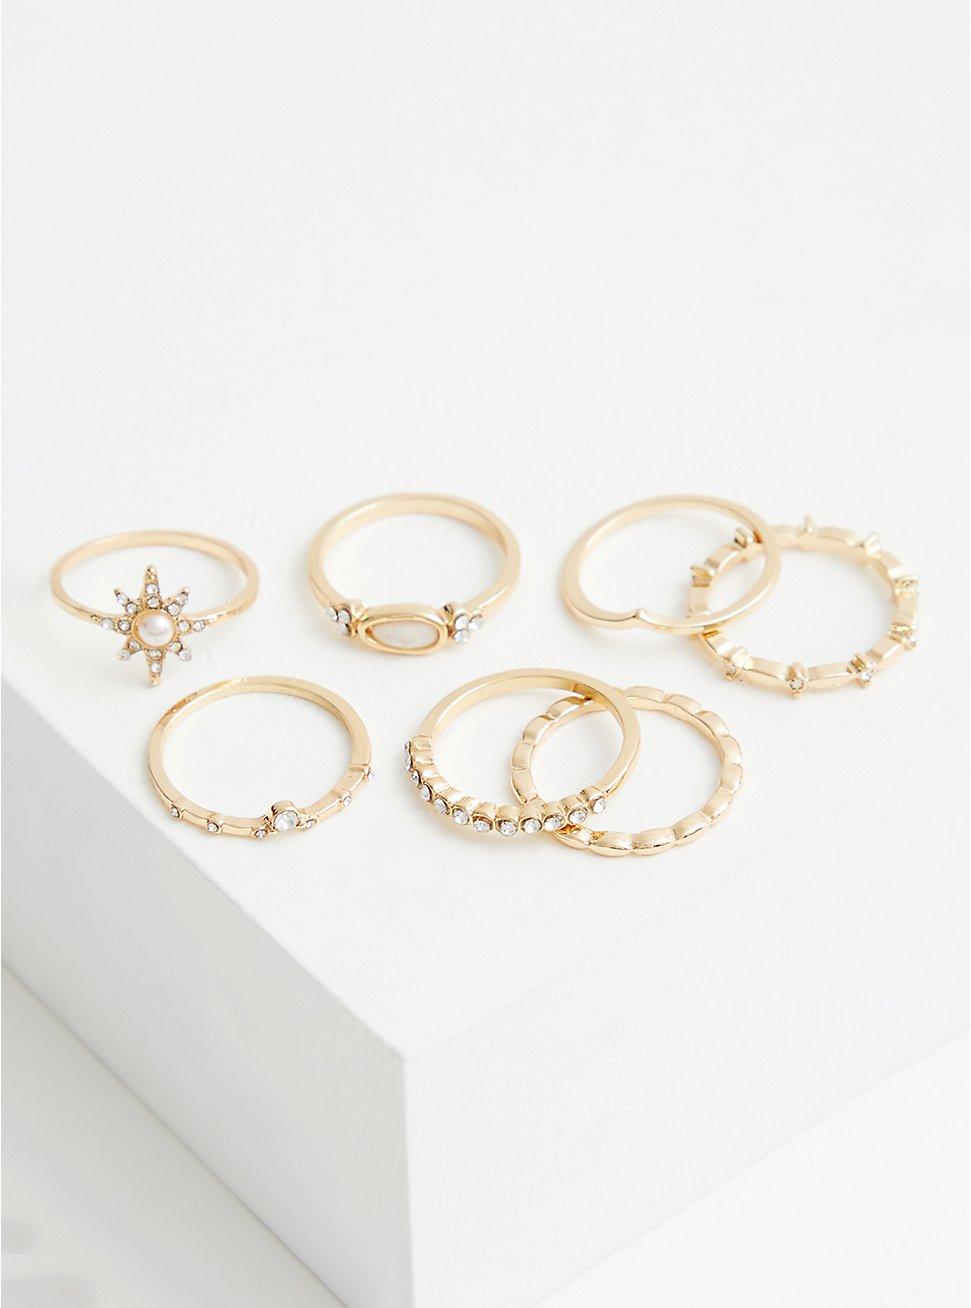 Gold-Tone Starburst Ring Set , GOLD, hi-res